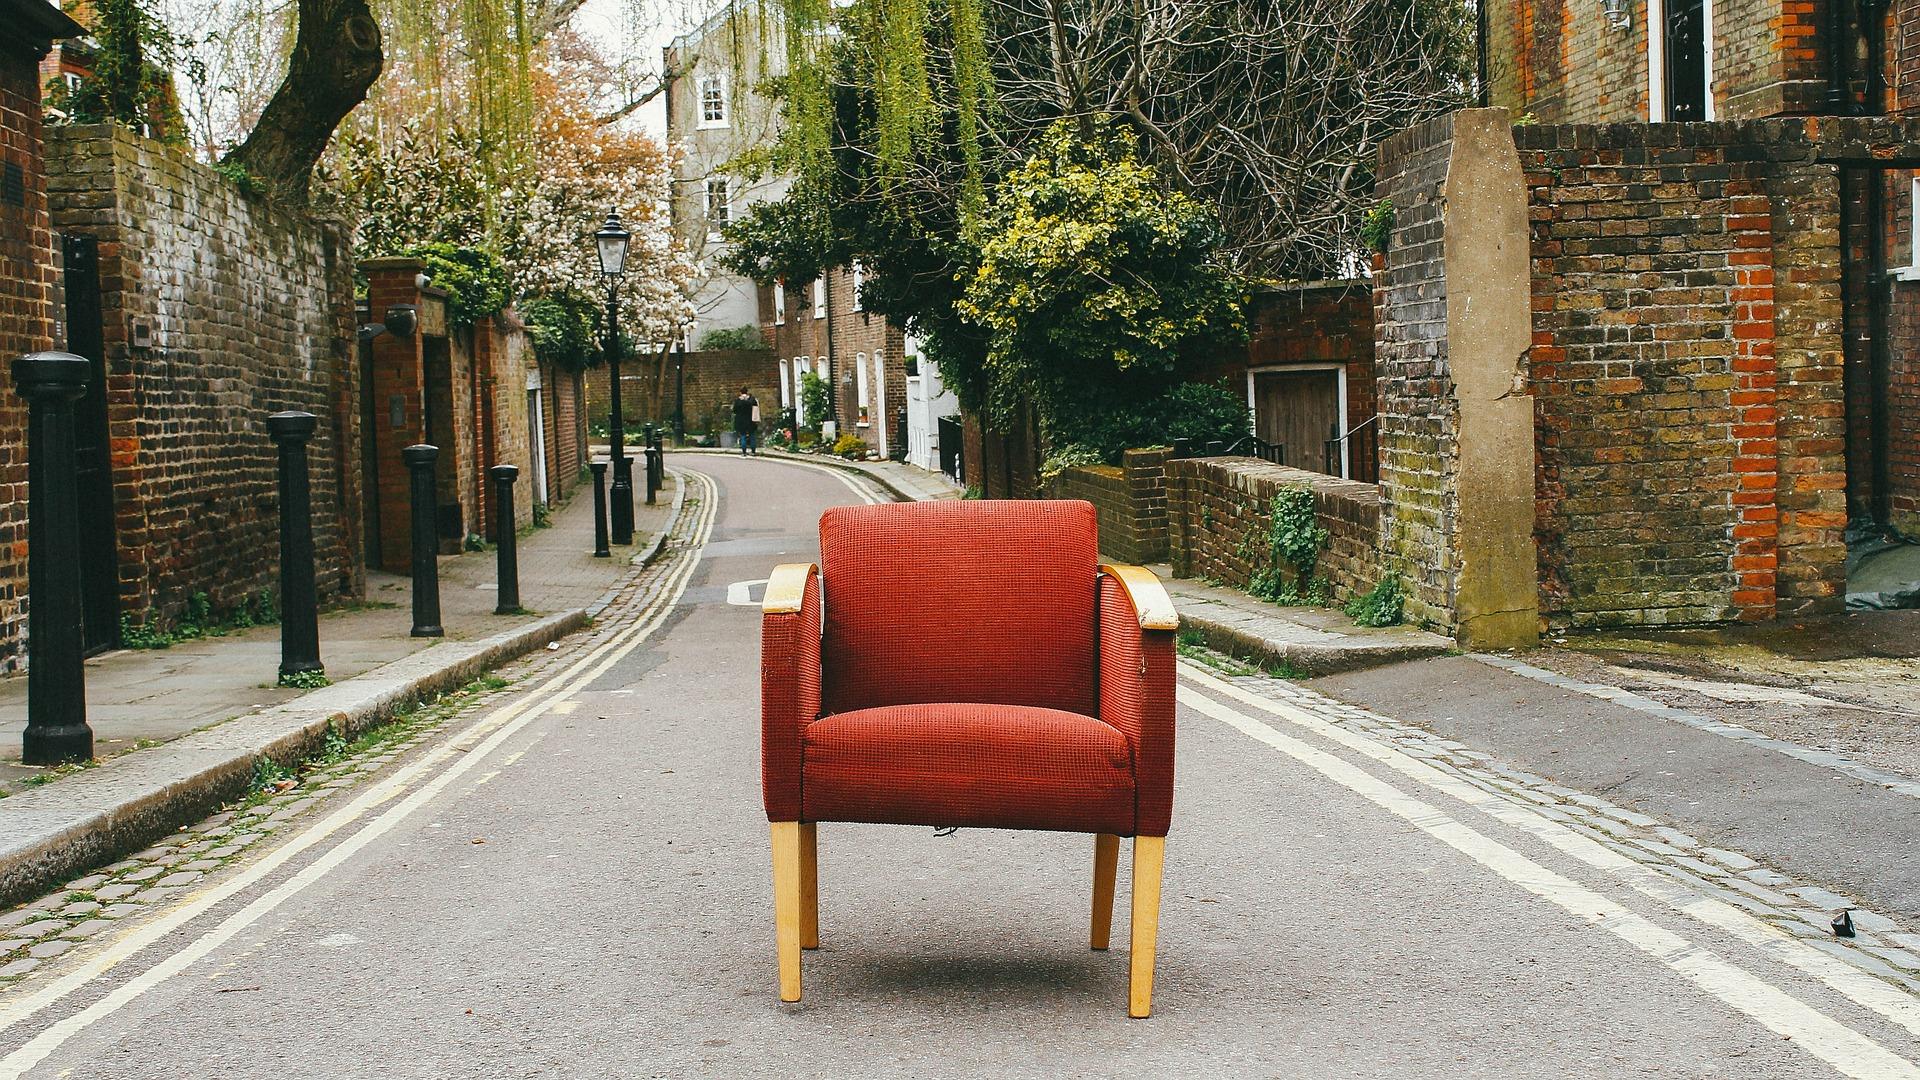 chair-1840011_1920 (1).jpg